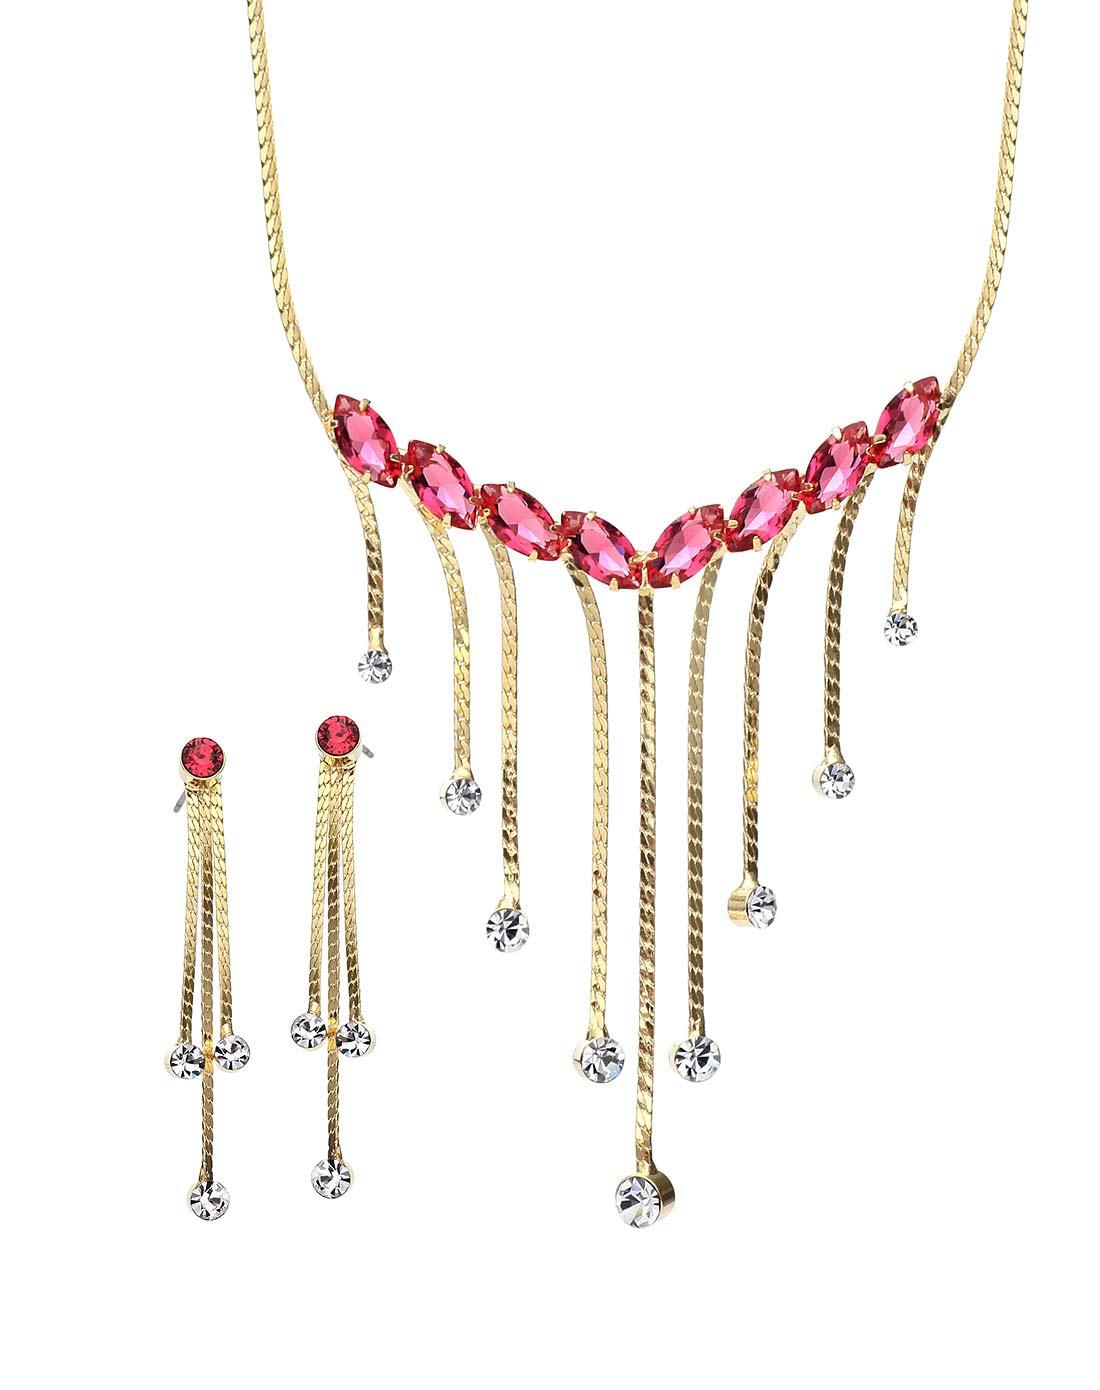 新光饰品专场-流苏点钻套装耳环项链